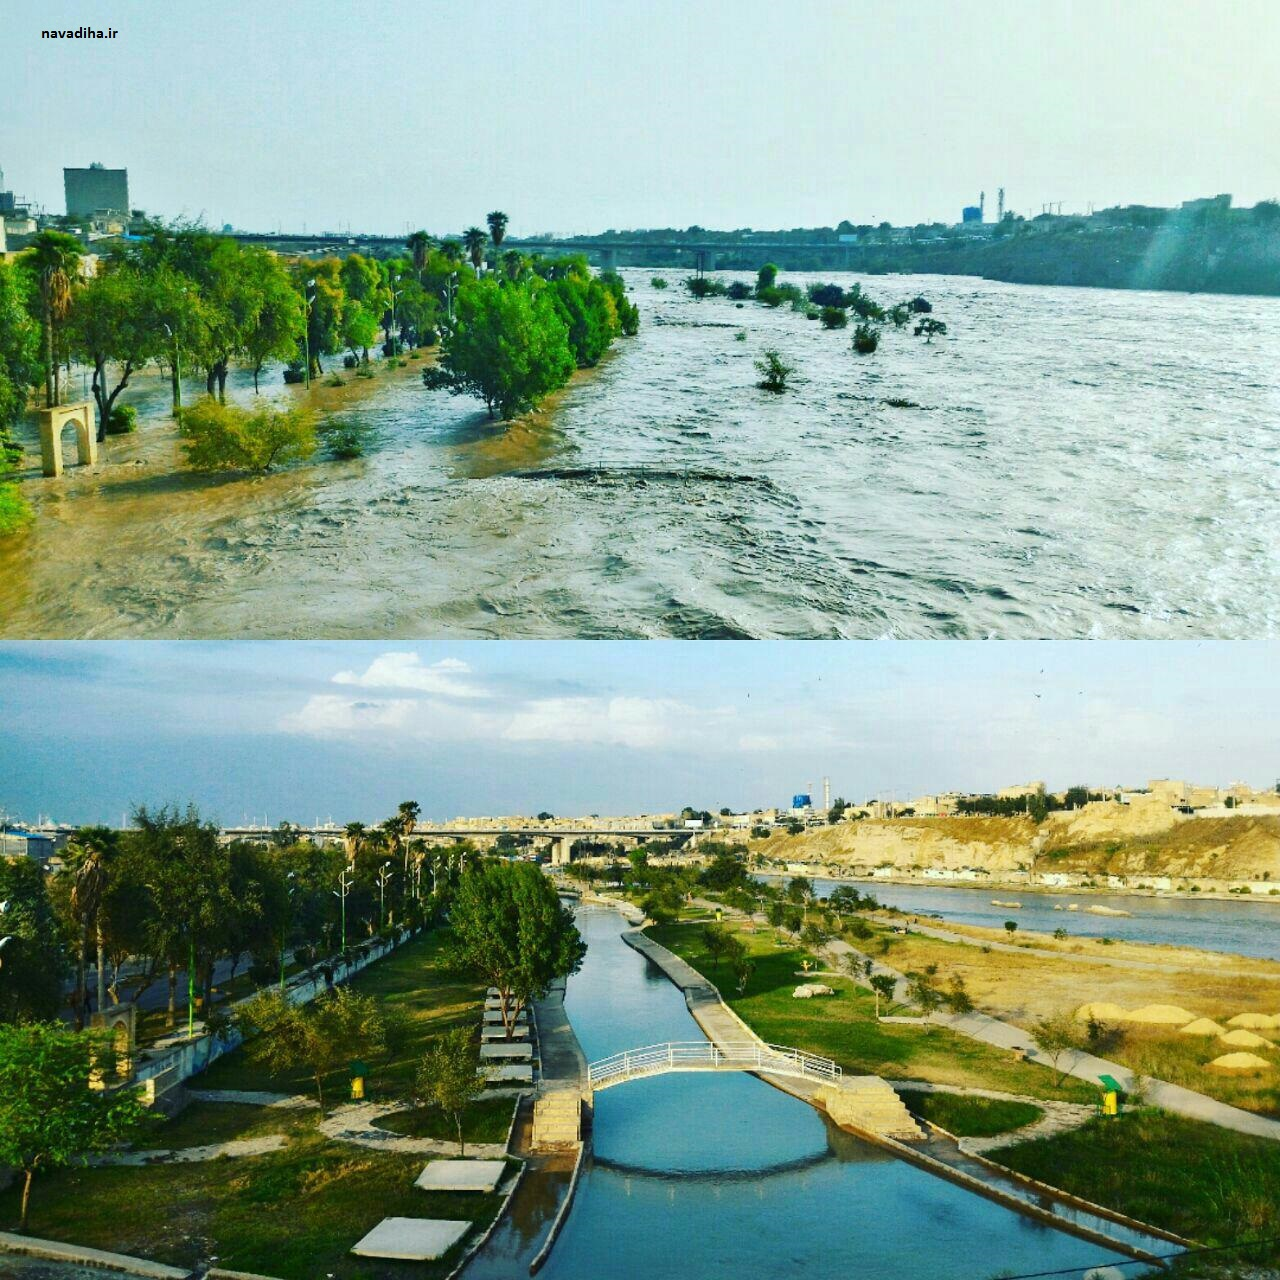 عکس:پارک ساحلی دزفول قبل و بعد از سیلاب